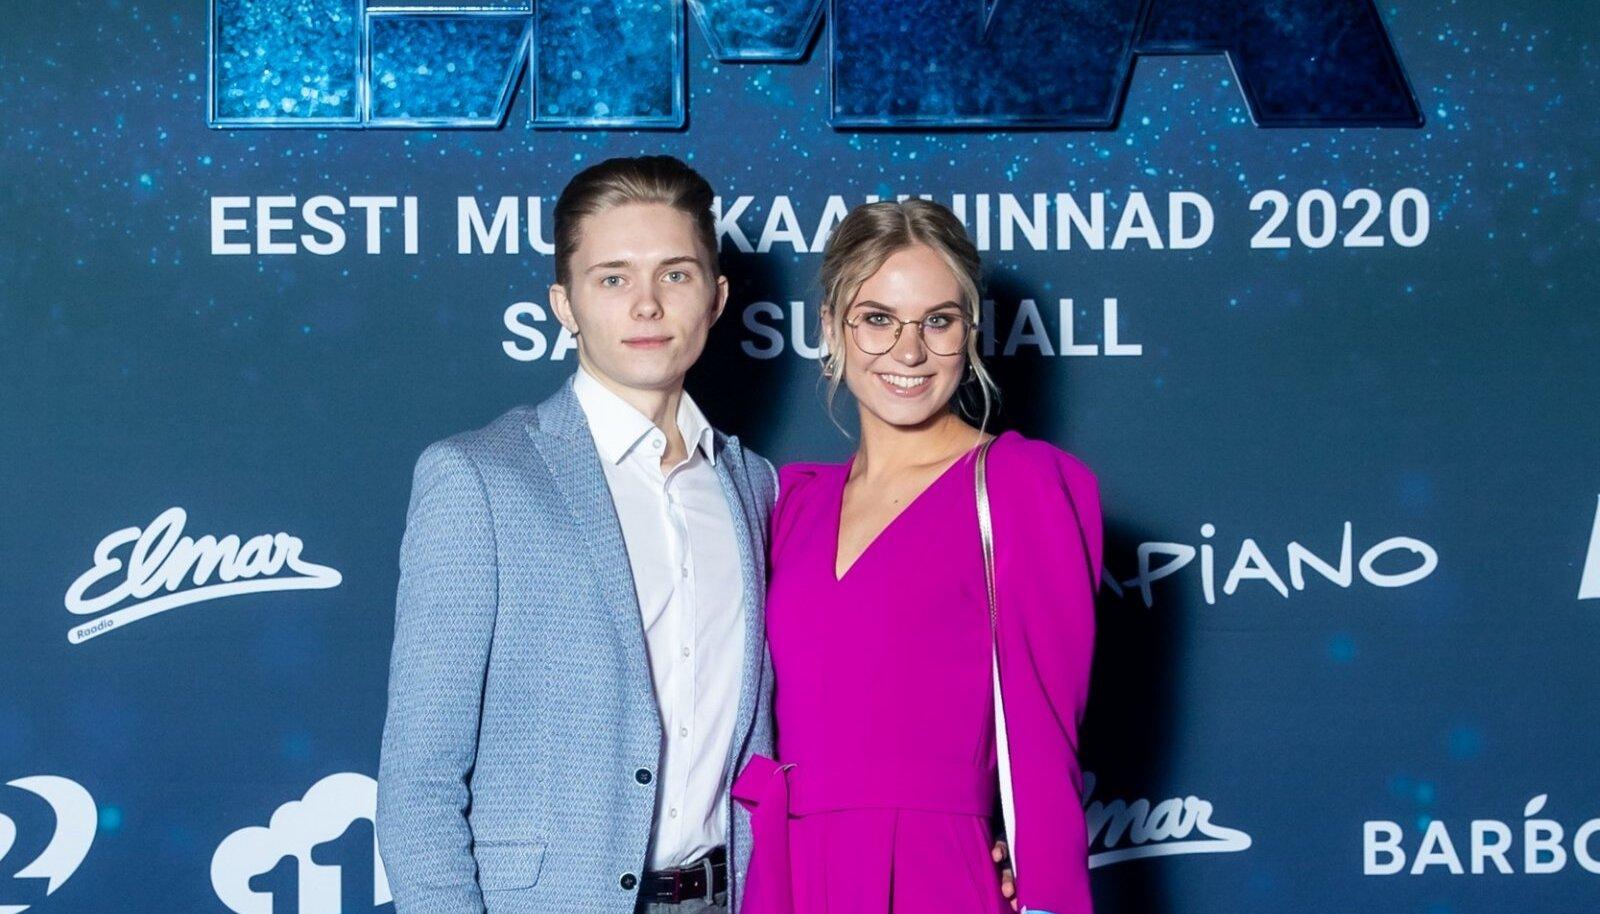 Eesti Muusikaauhinnad 2020, EMA2020